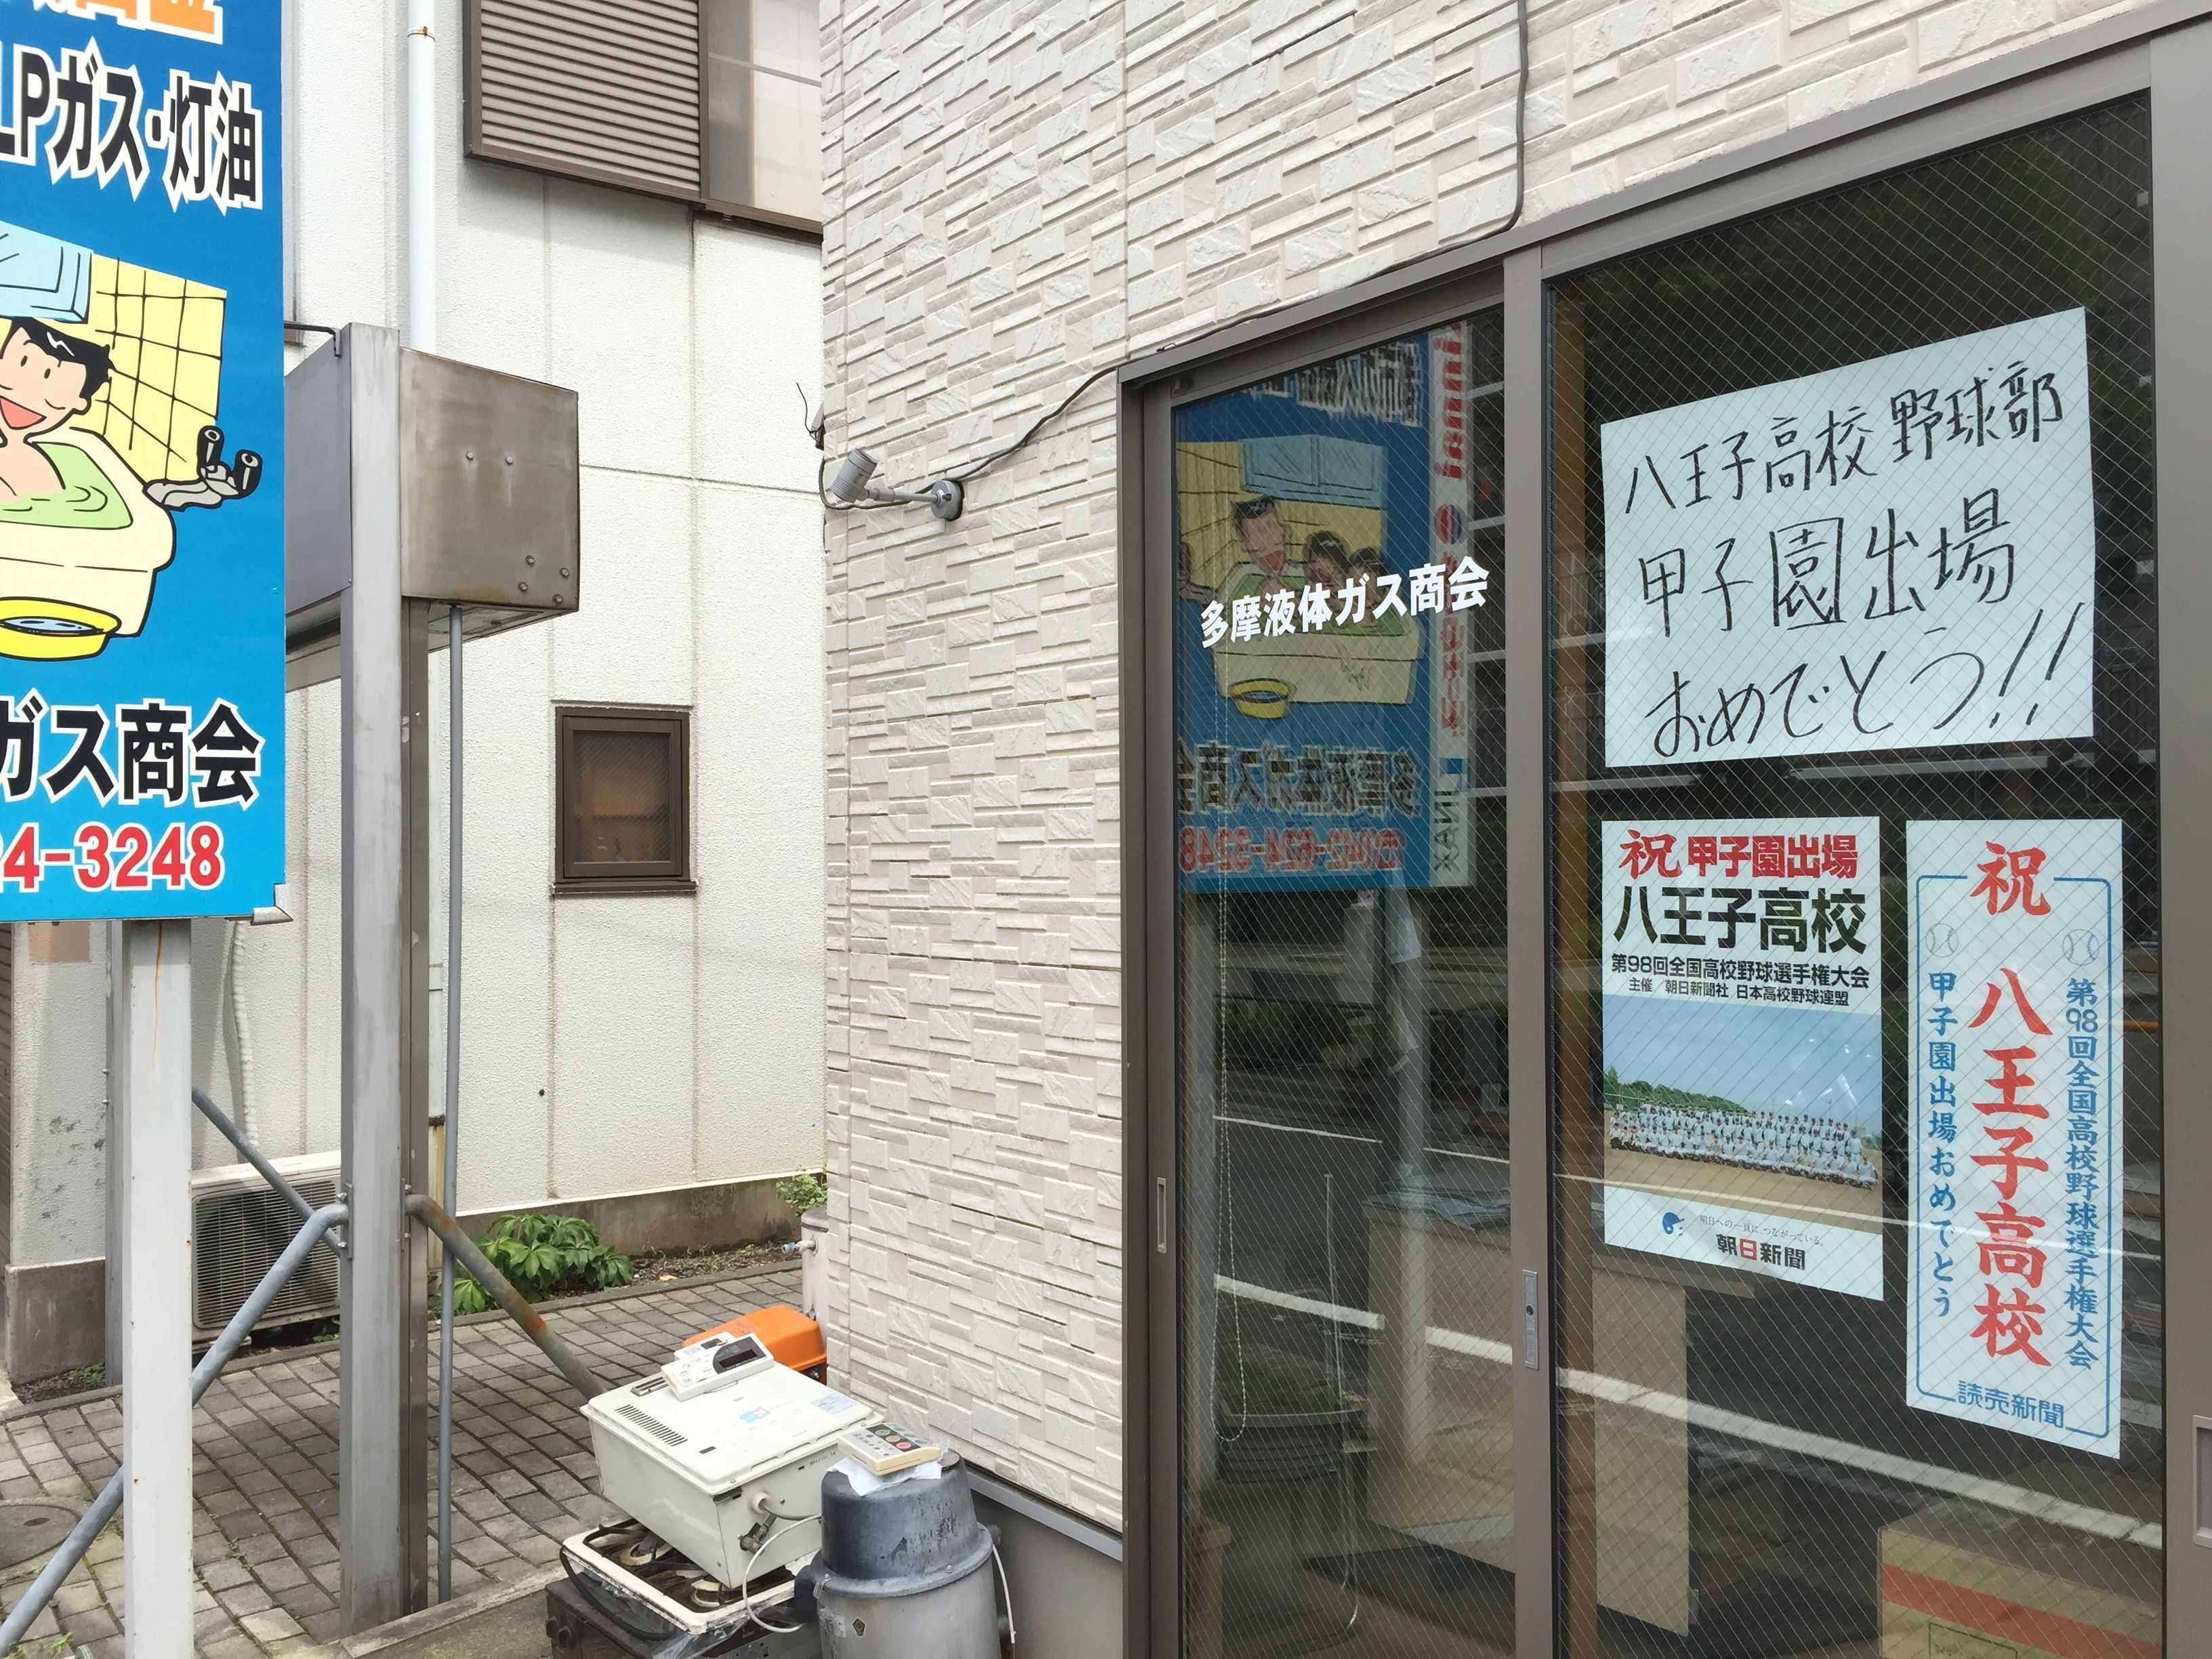 八王子高校 野球部 甲子園出場おめでとう!!手書きのお祝いメッセージ